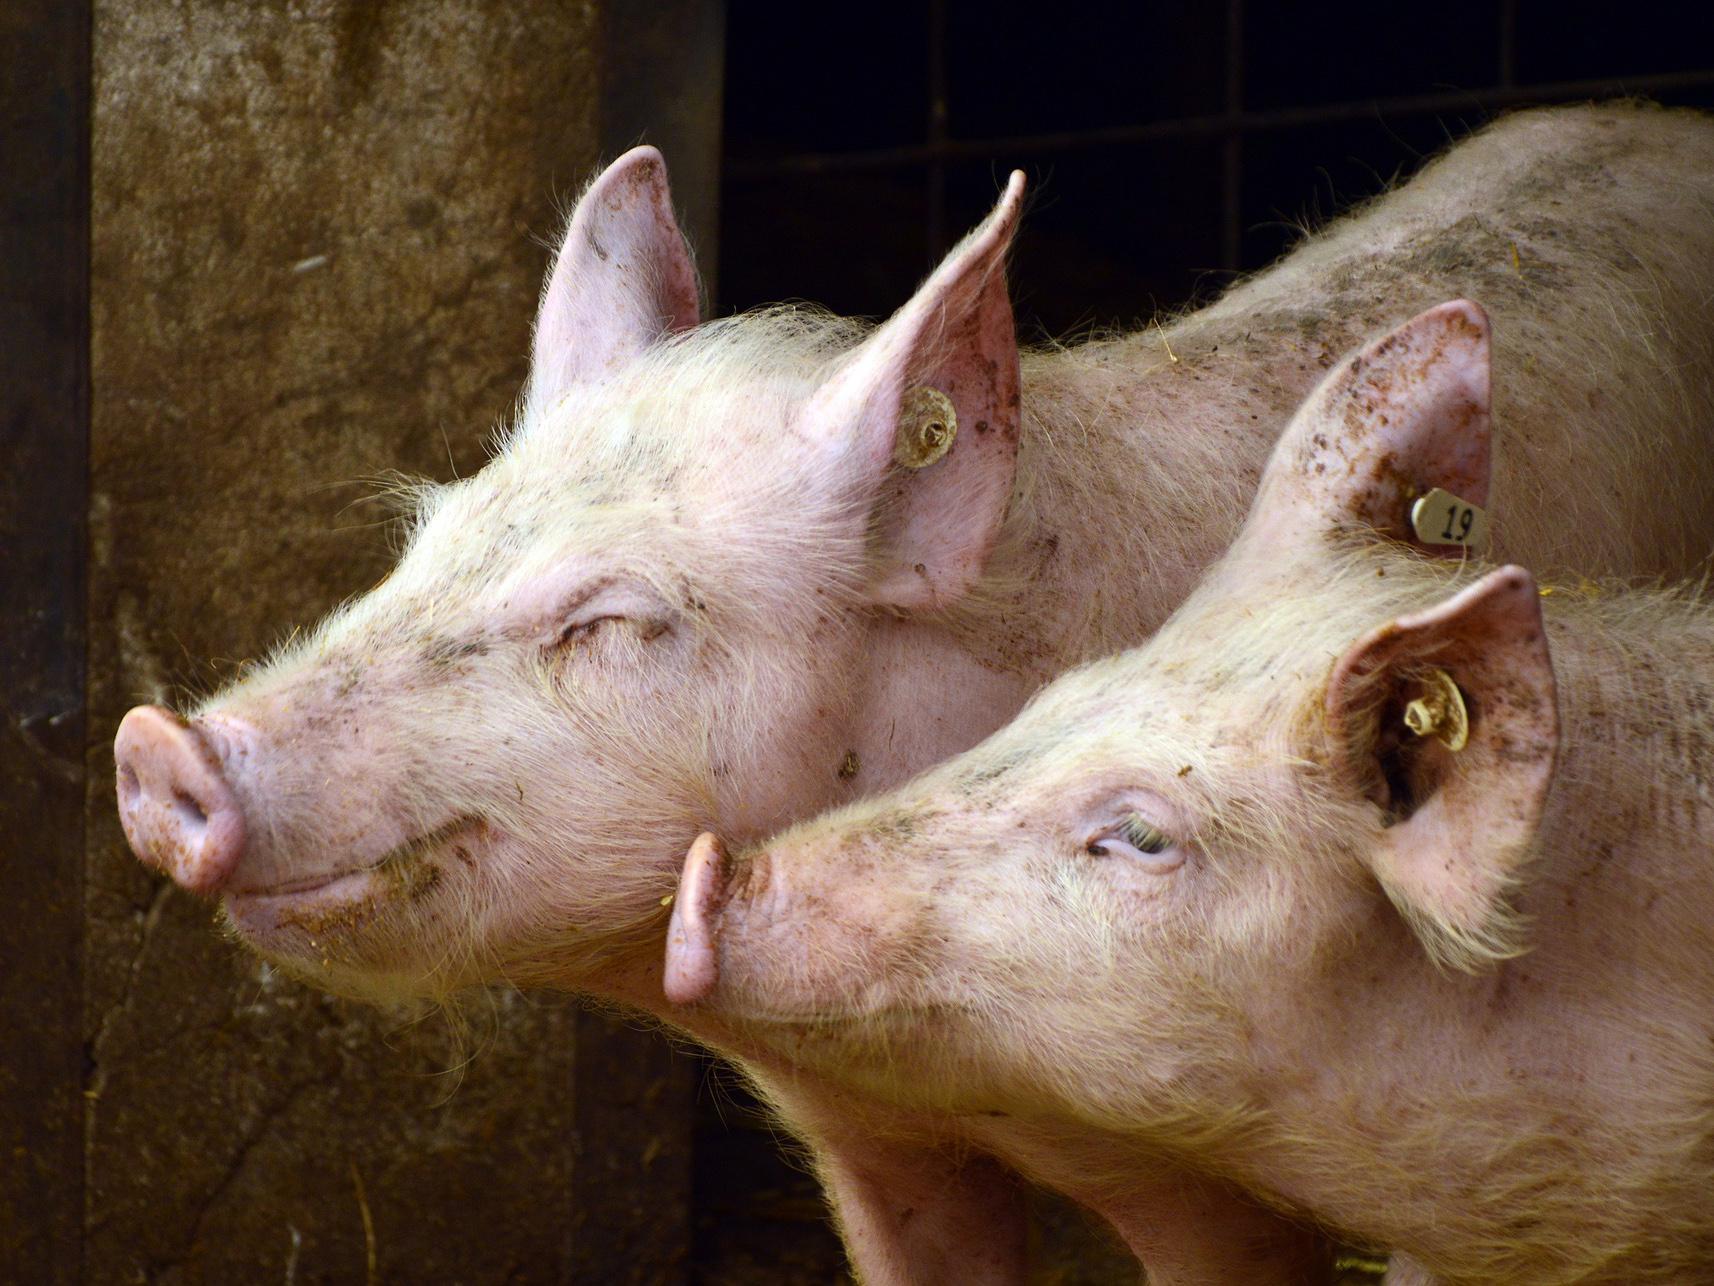 Na farmě v Bulharsku zlikvidují kvůli moru 17 000 prasat